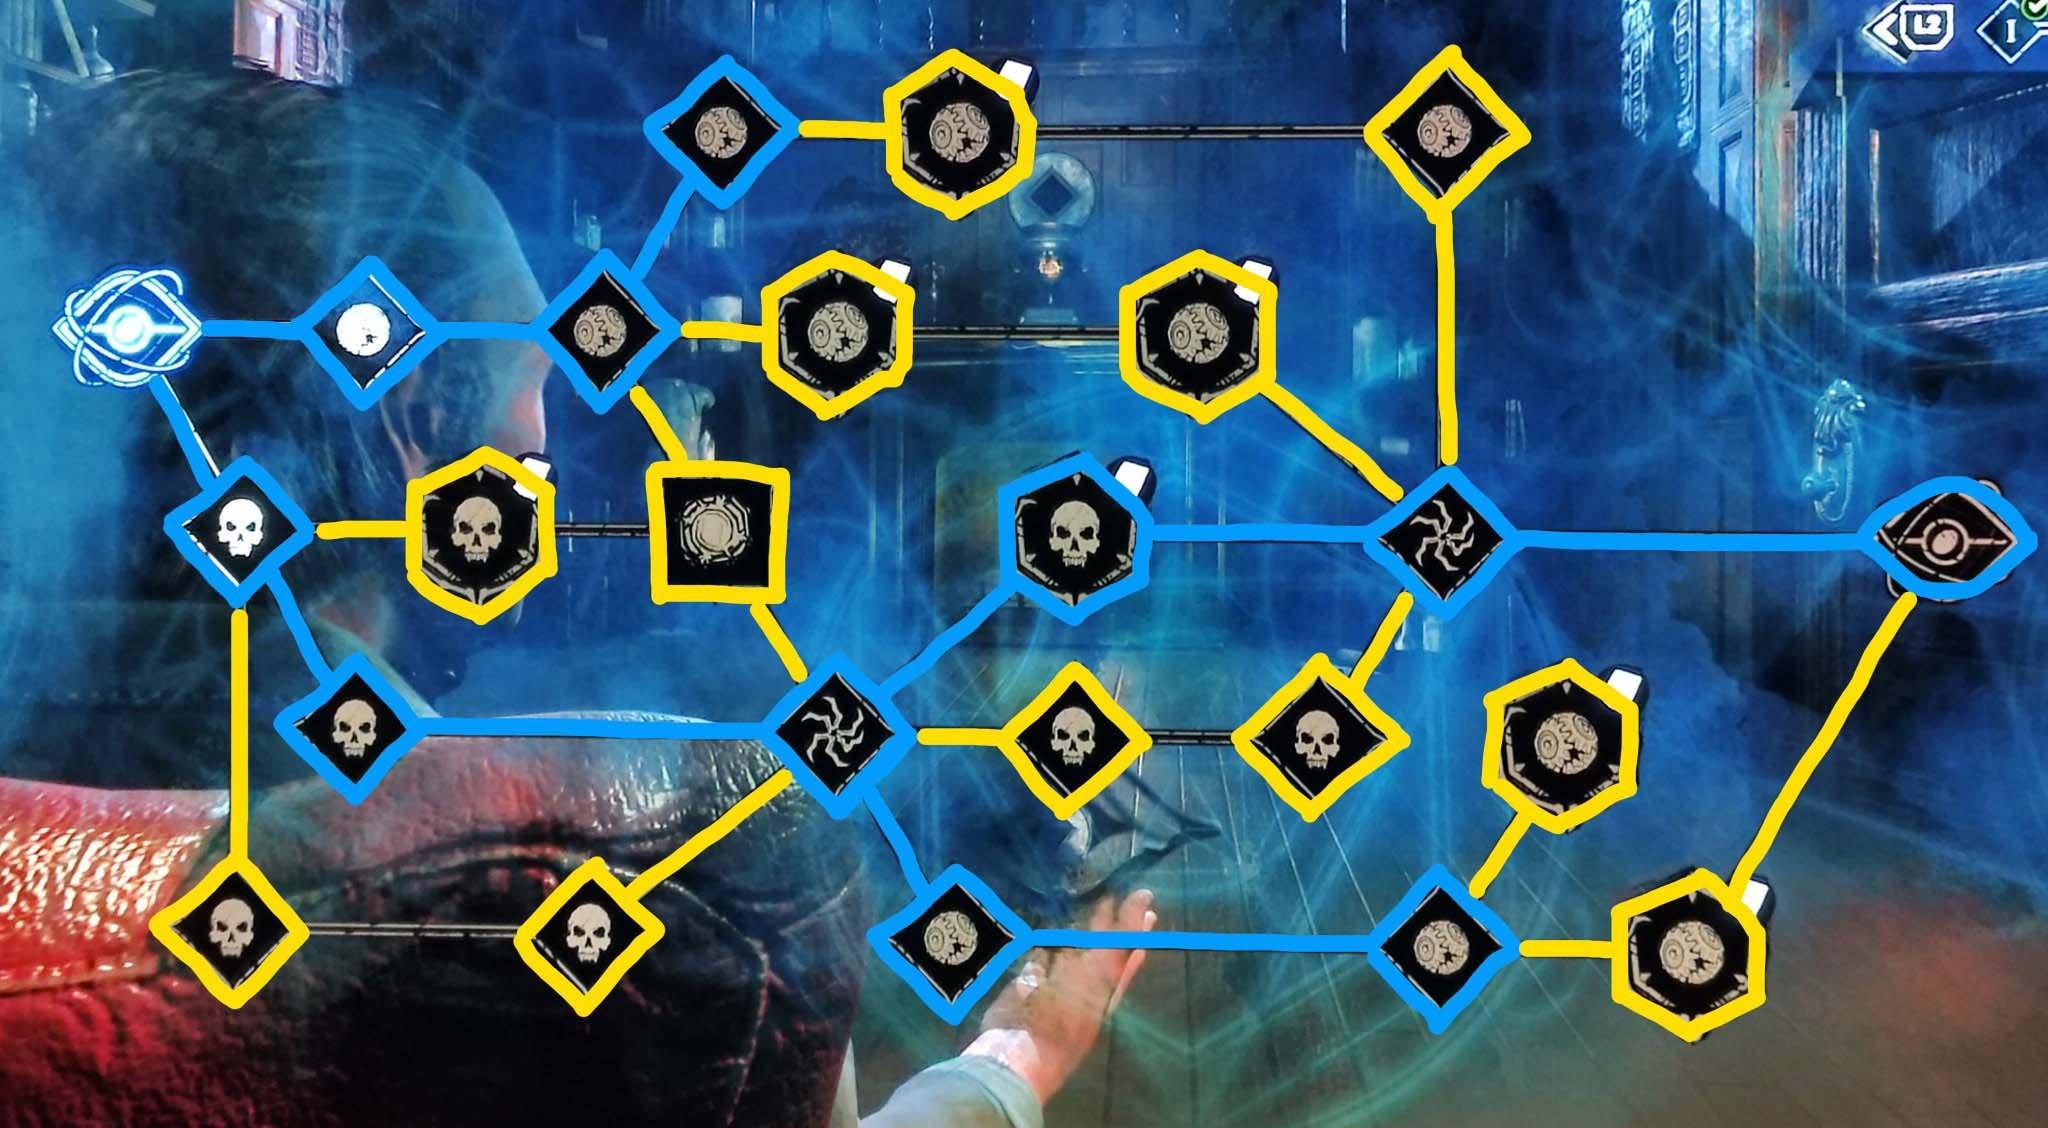 Cómo ahorrar el máximo de puntos con el nivel 3 del Tomo de Los Archivos de Dead by Daylight 2